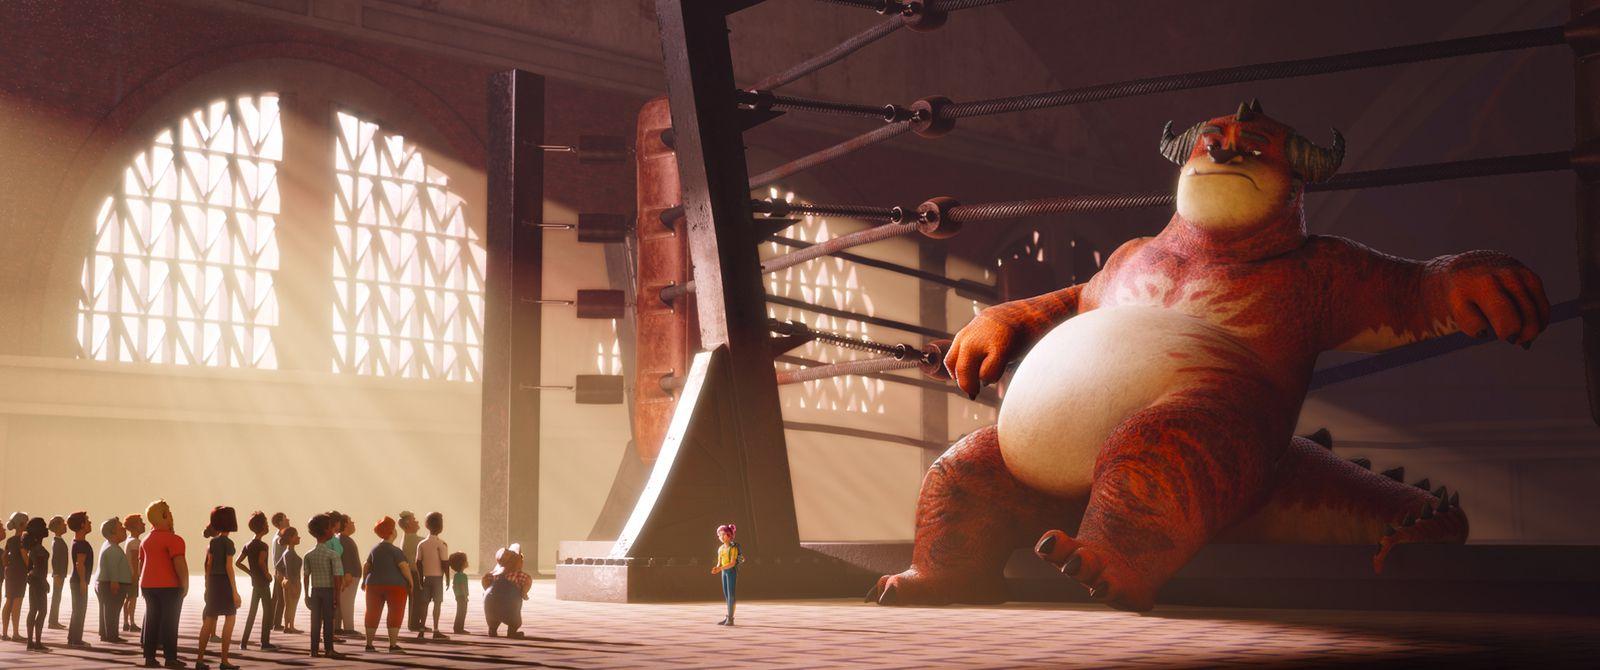 STEVE - Bête de Combat : une première bande-annonce qui envoie du lourd ! au Cinéma le 3 Fevrier 2021